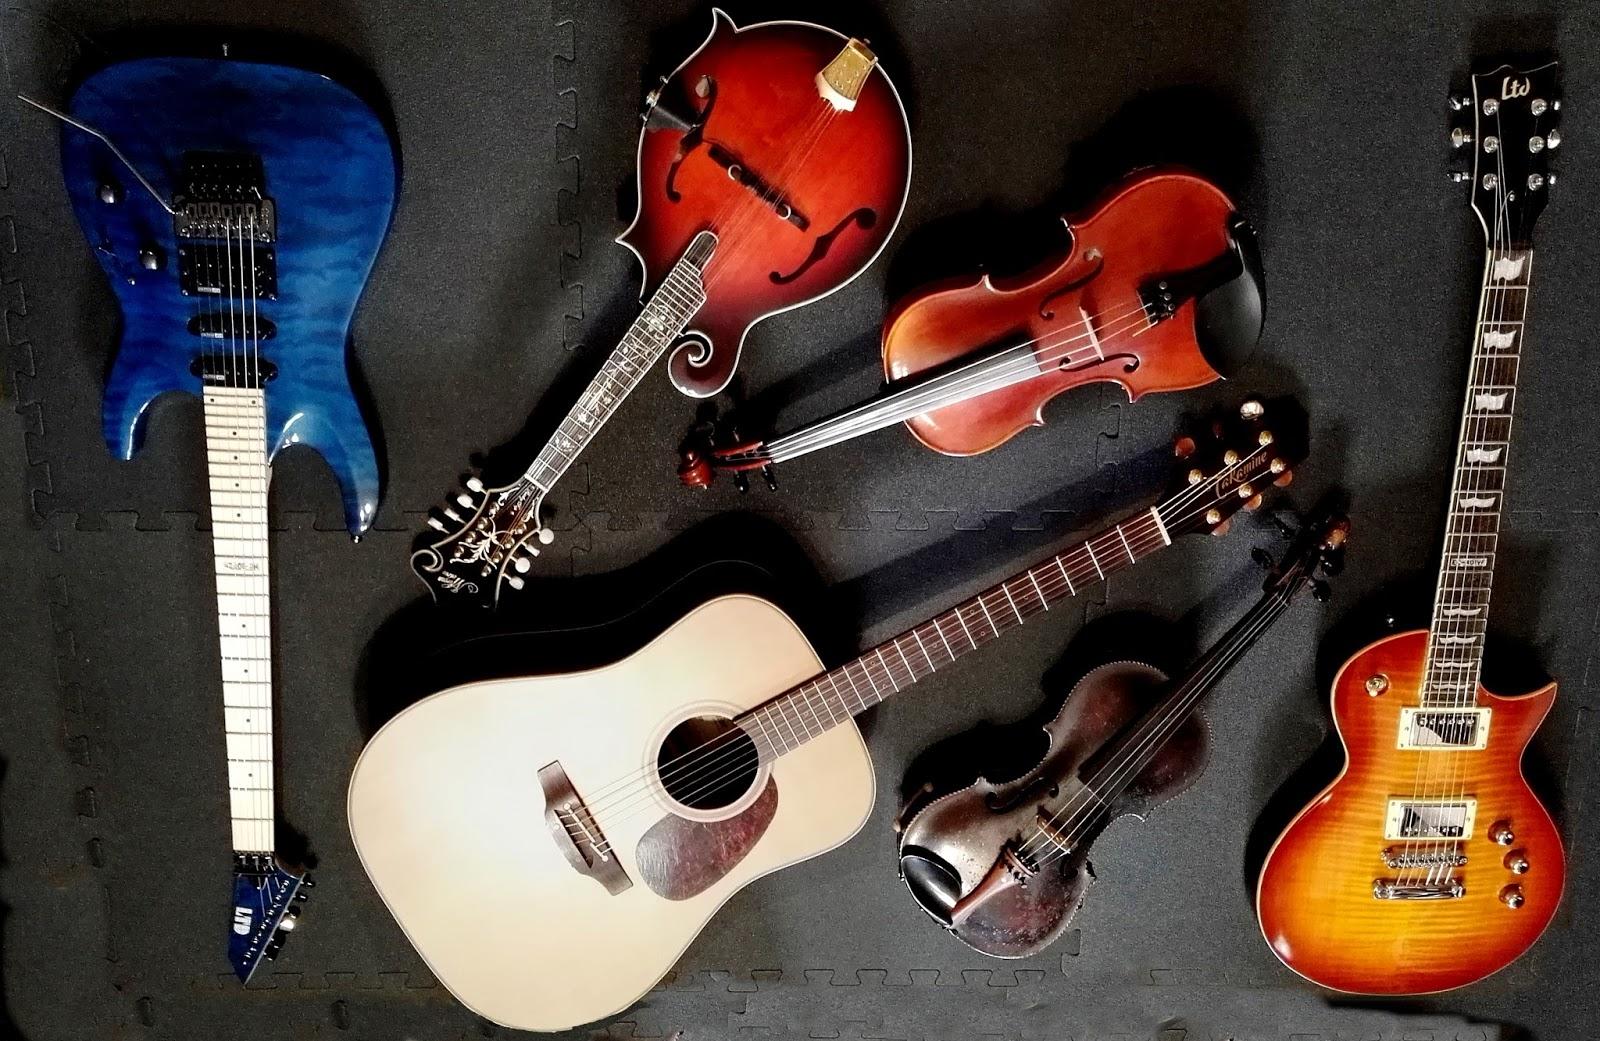 Guitarras, mandolina y violines Raúl ALN